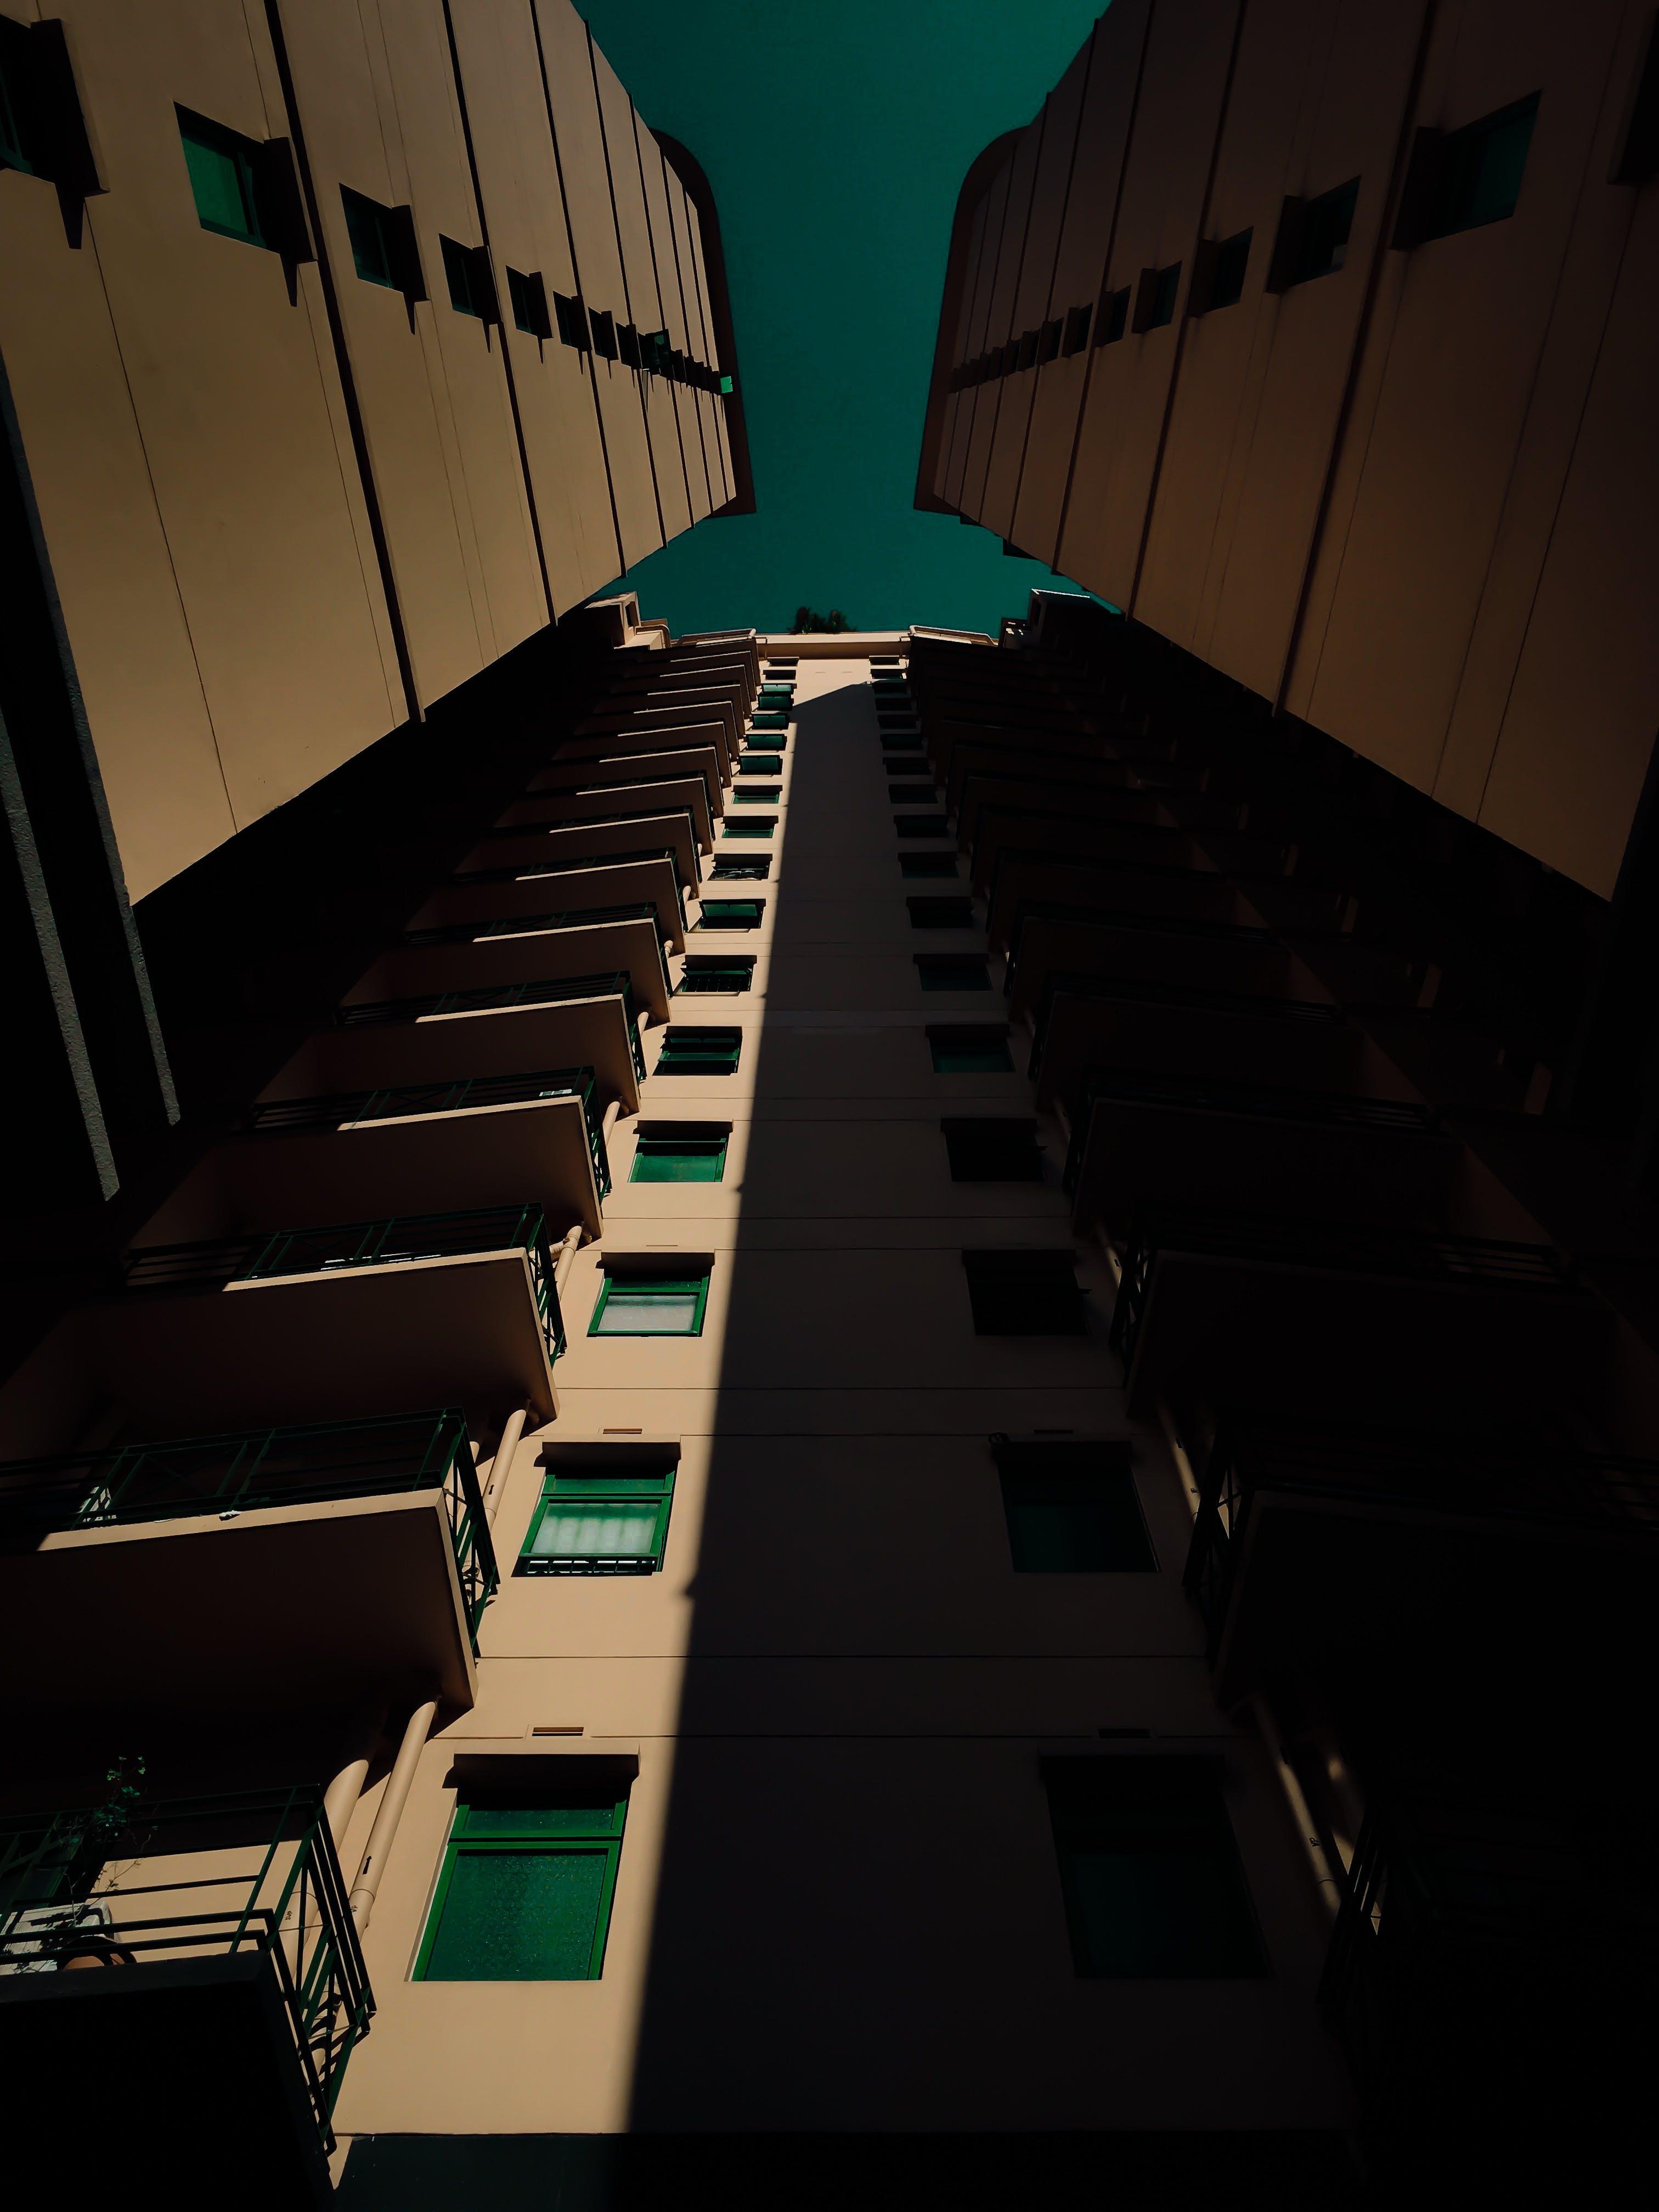 Kostenloses Stock Foto zu architektur, aufnahme von unten, gebäude, perspektive